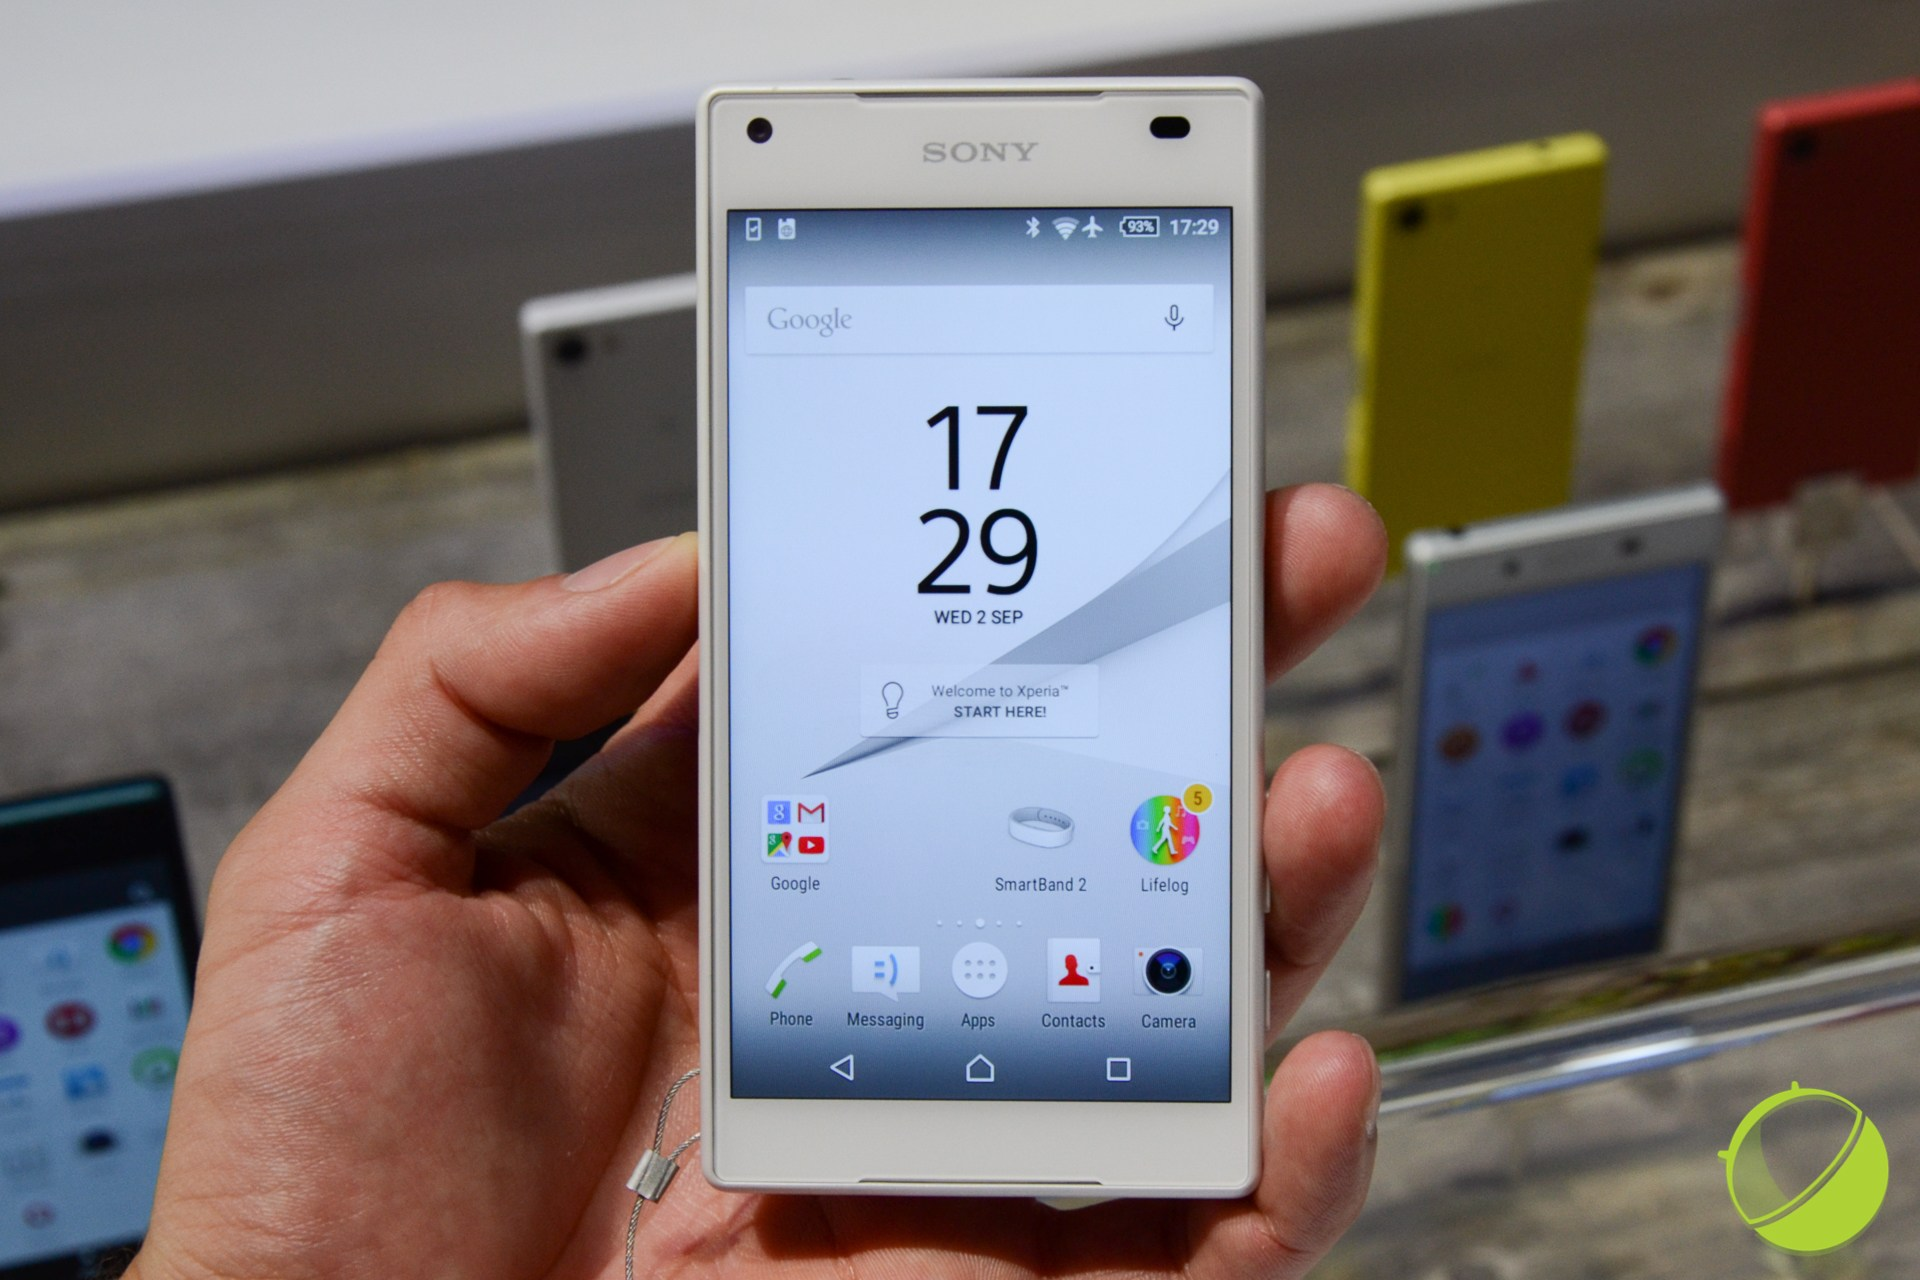 Sony Xperia Z5 : la mise à jour vers Android 7.1.1 provoque des bugs